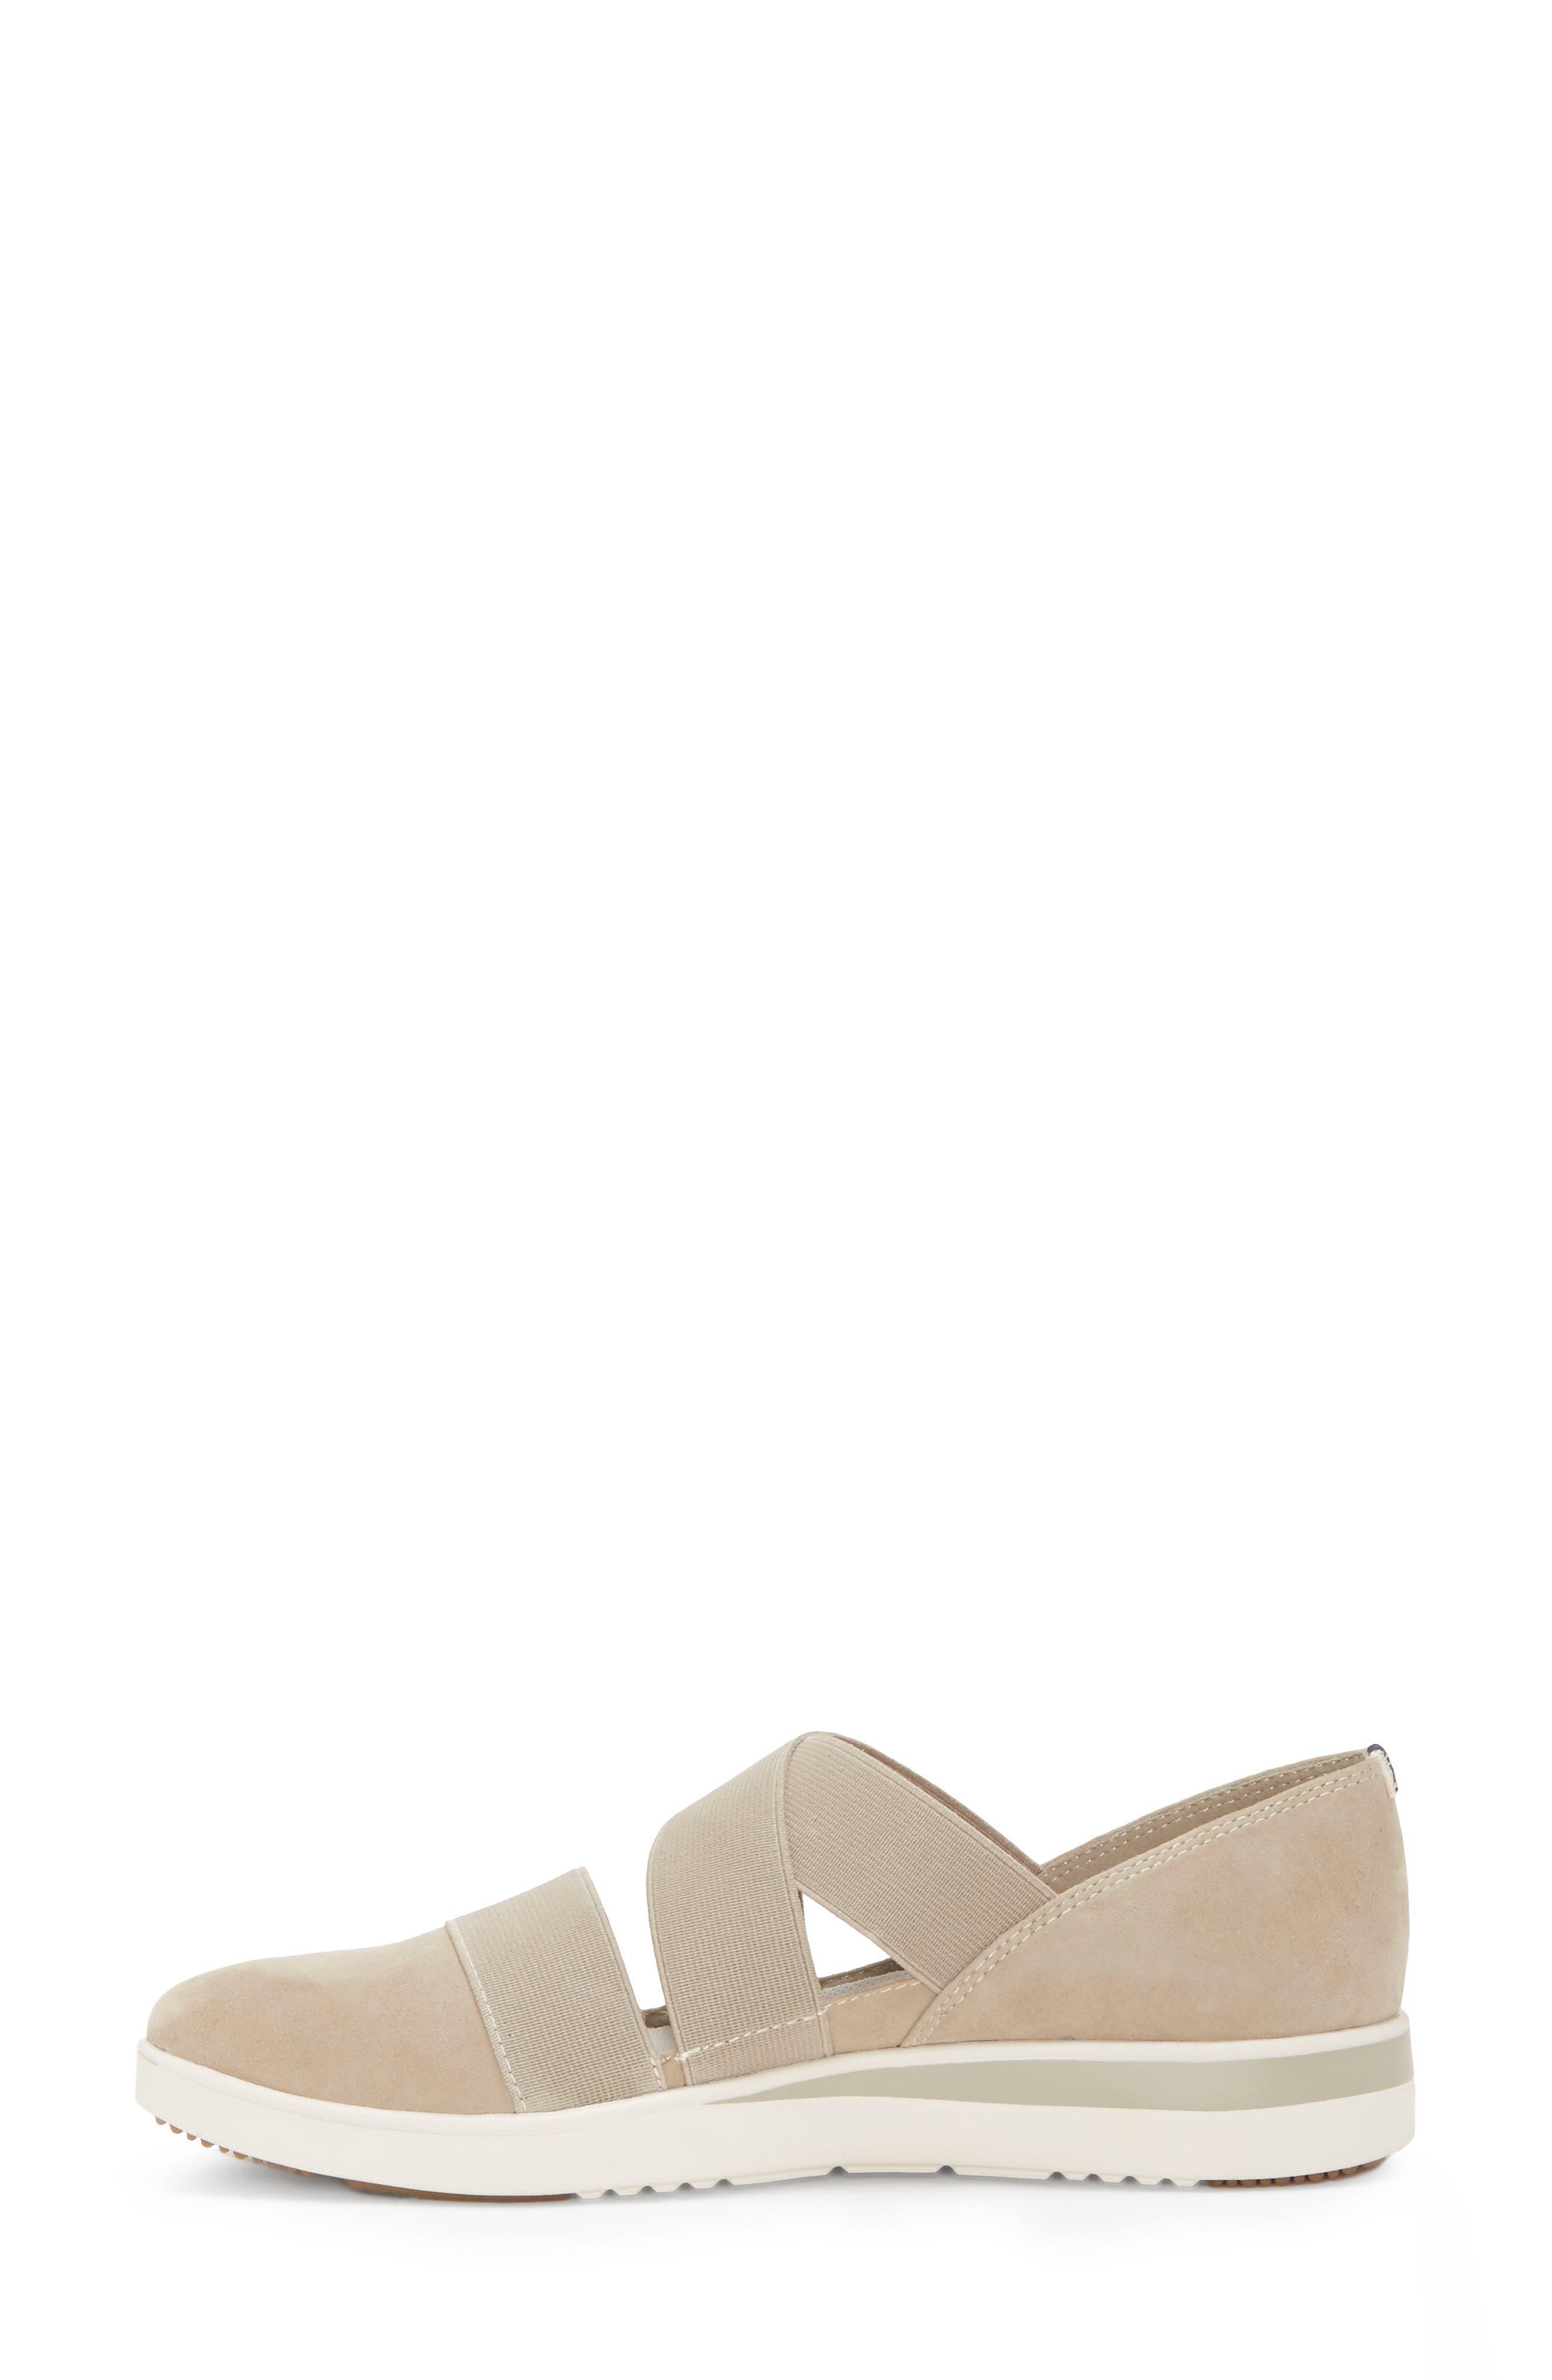 Alskara Slip-On Sneaker Flat,                             Alternate thumbnail 9, color,                             BRINDLE SUEDE